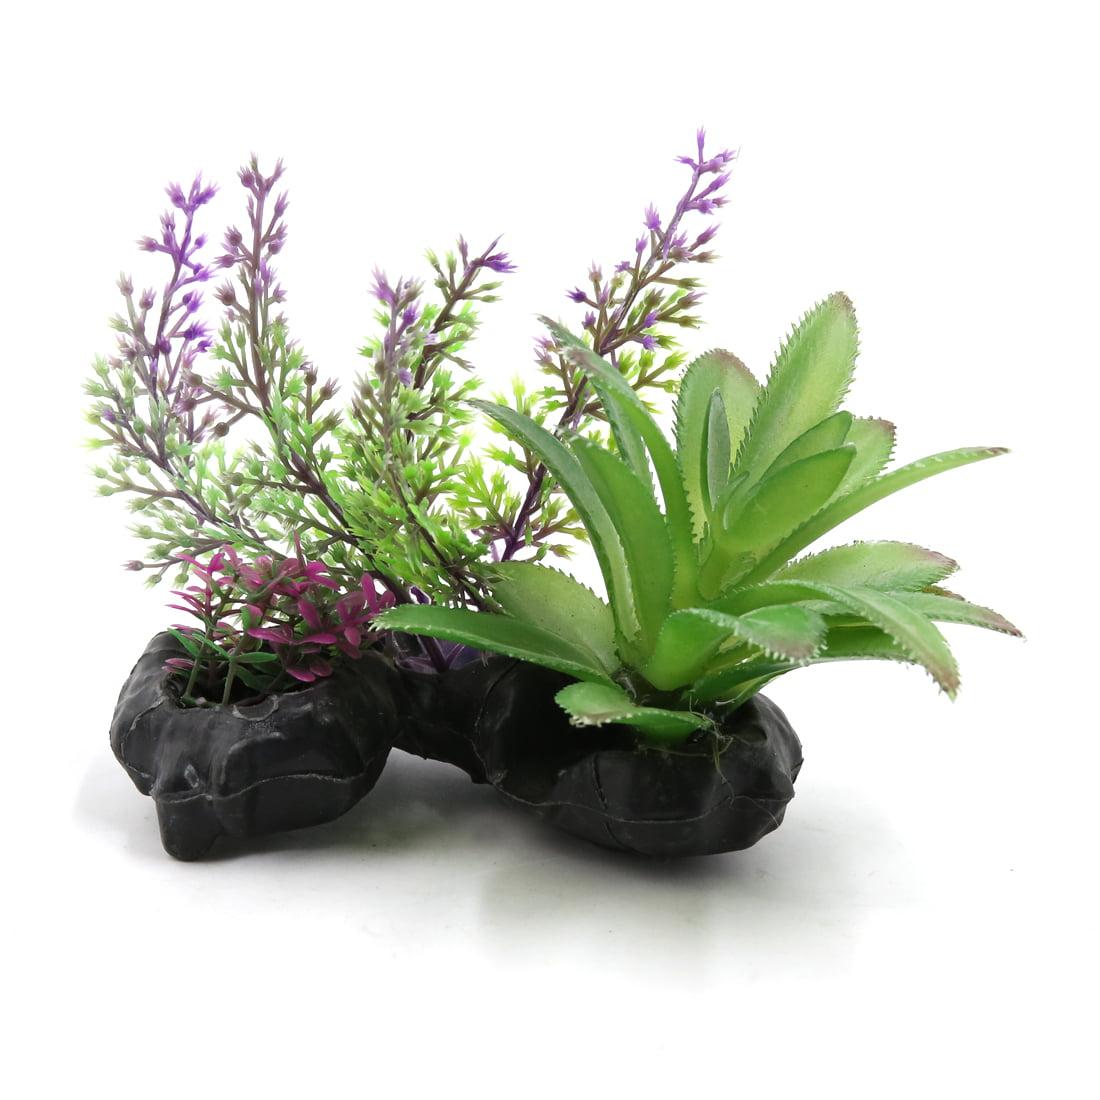 Purple Plastic Fish Tank Terrarium Plants Ceramic Base Decoration for Reptiles